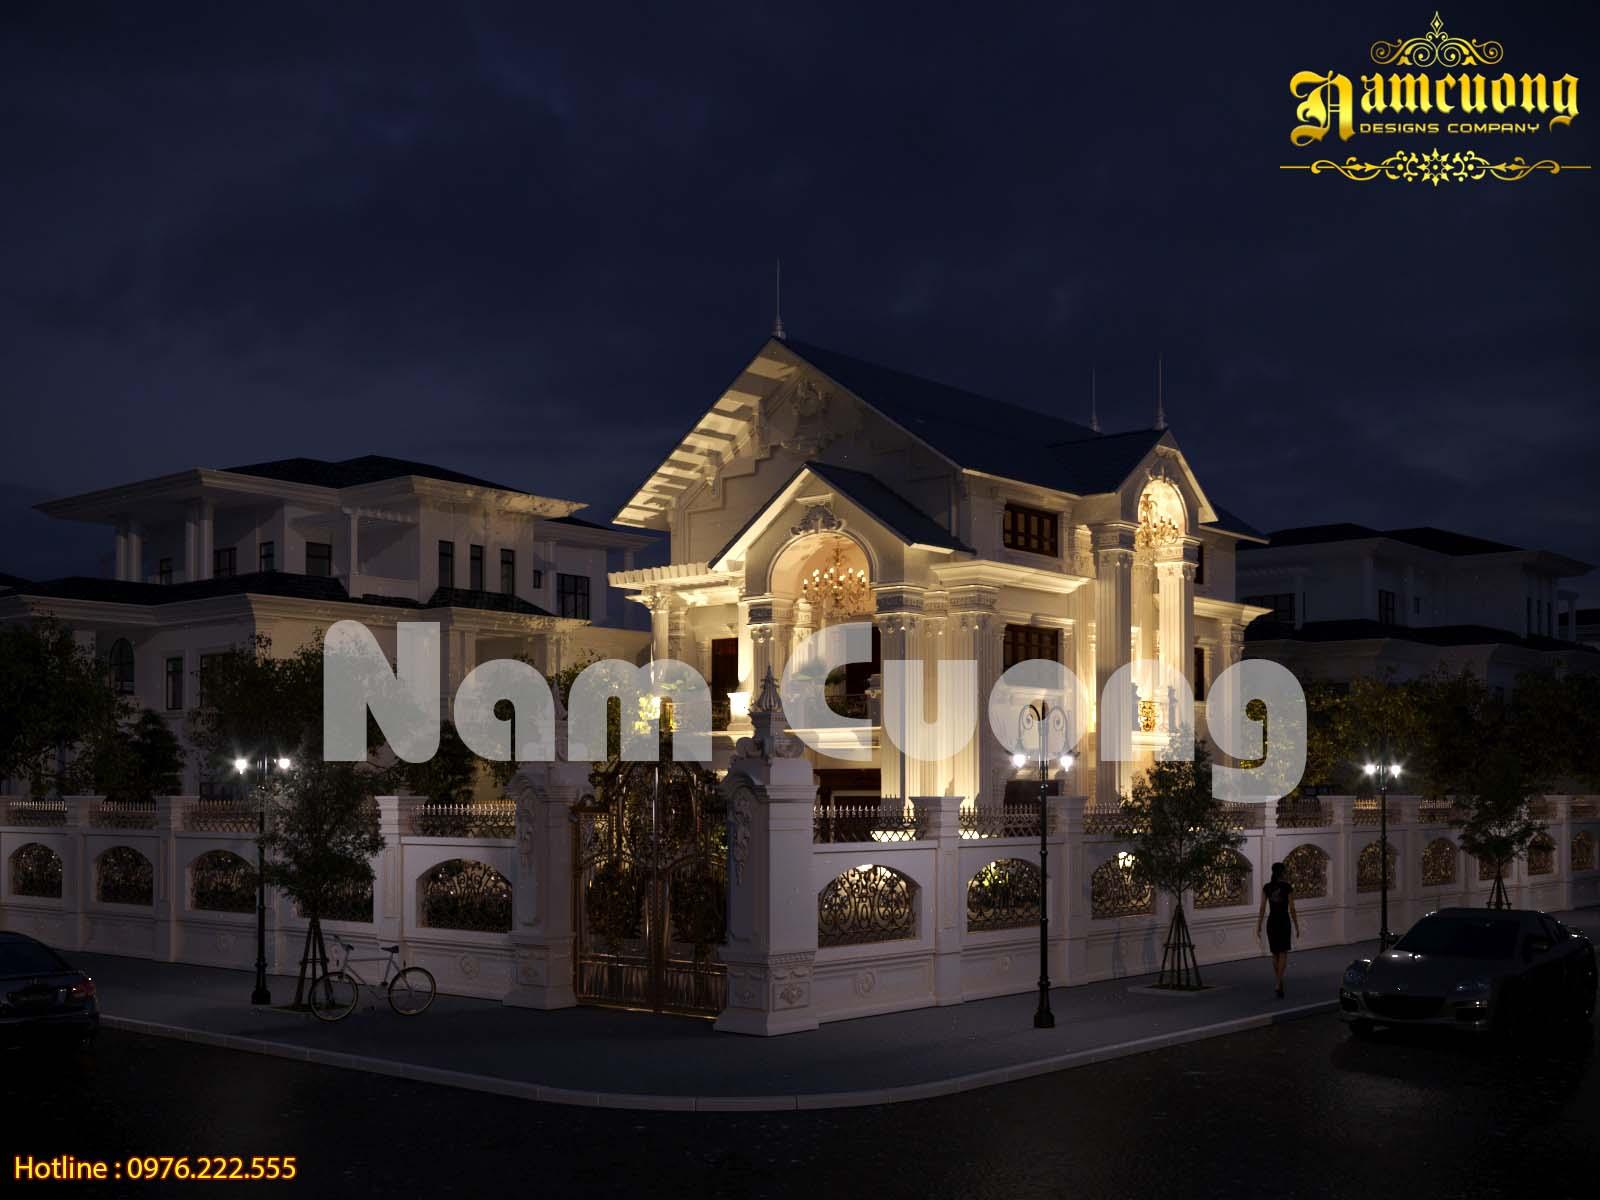 Vẻ đẹp hoàn mỹ trong mẫu kiến trúc biệt thự tân cổ điển